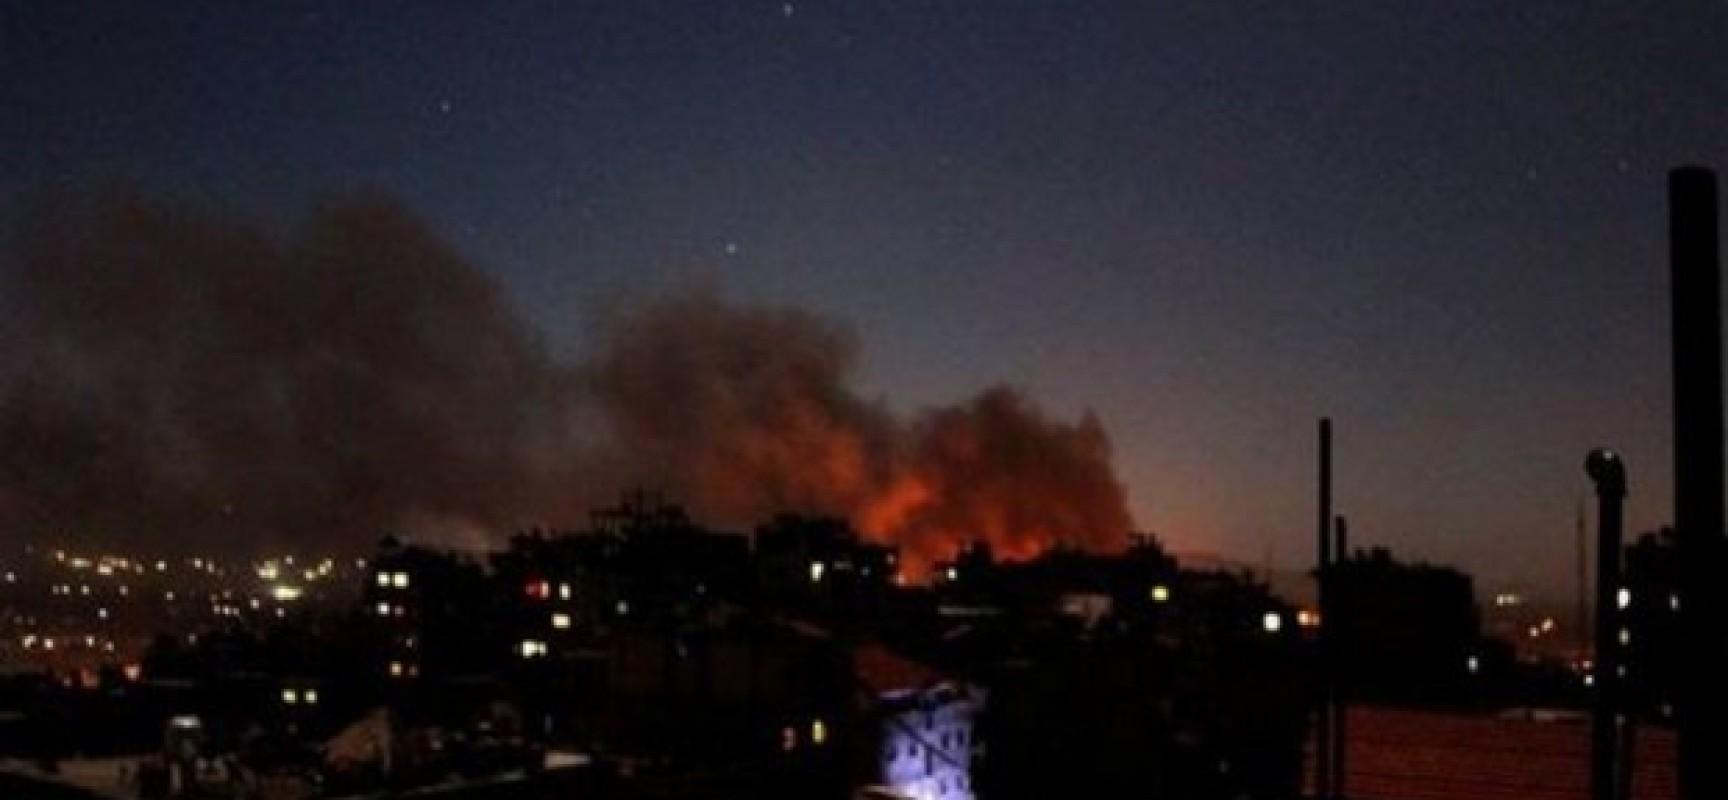 Israël : violente explosion aujourd'hui sur la base aérienne de Hatzor au sud d'Israël